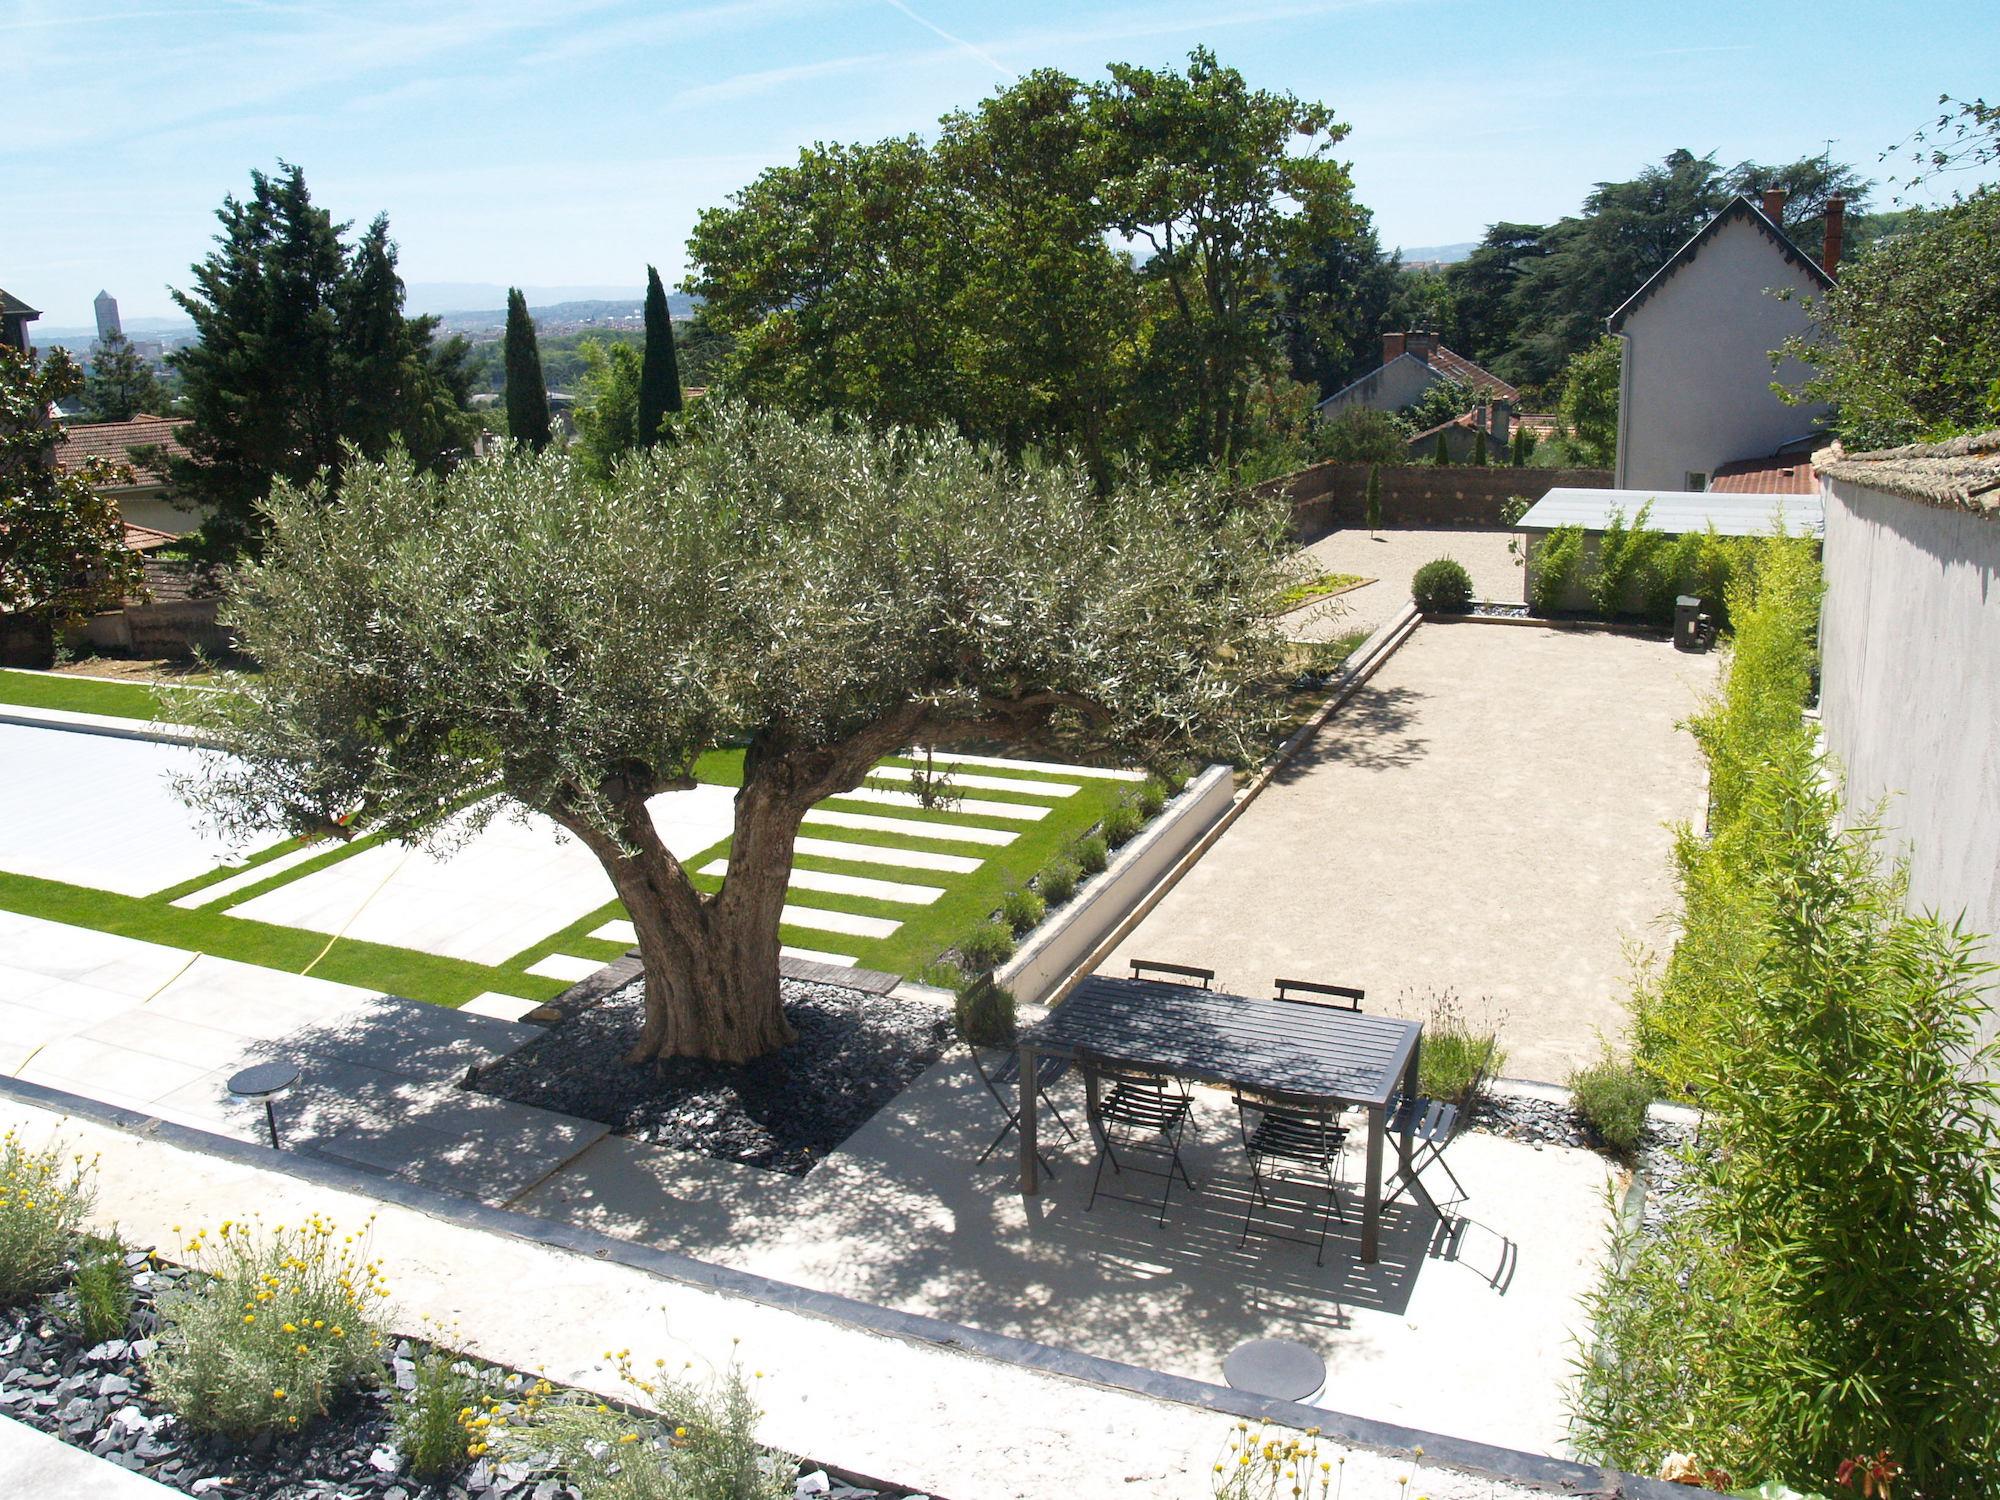 Aménagement D'extérieur Et De Jardin / Engazonnement ... avec Amenagement De Terrasse Exterieure